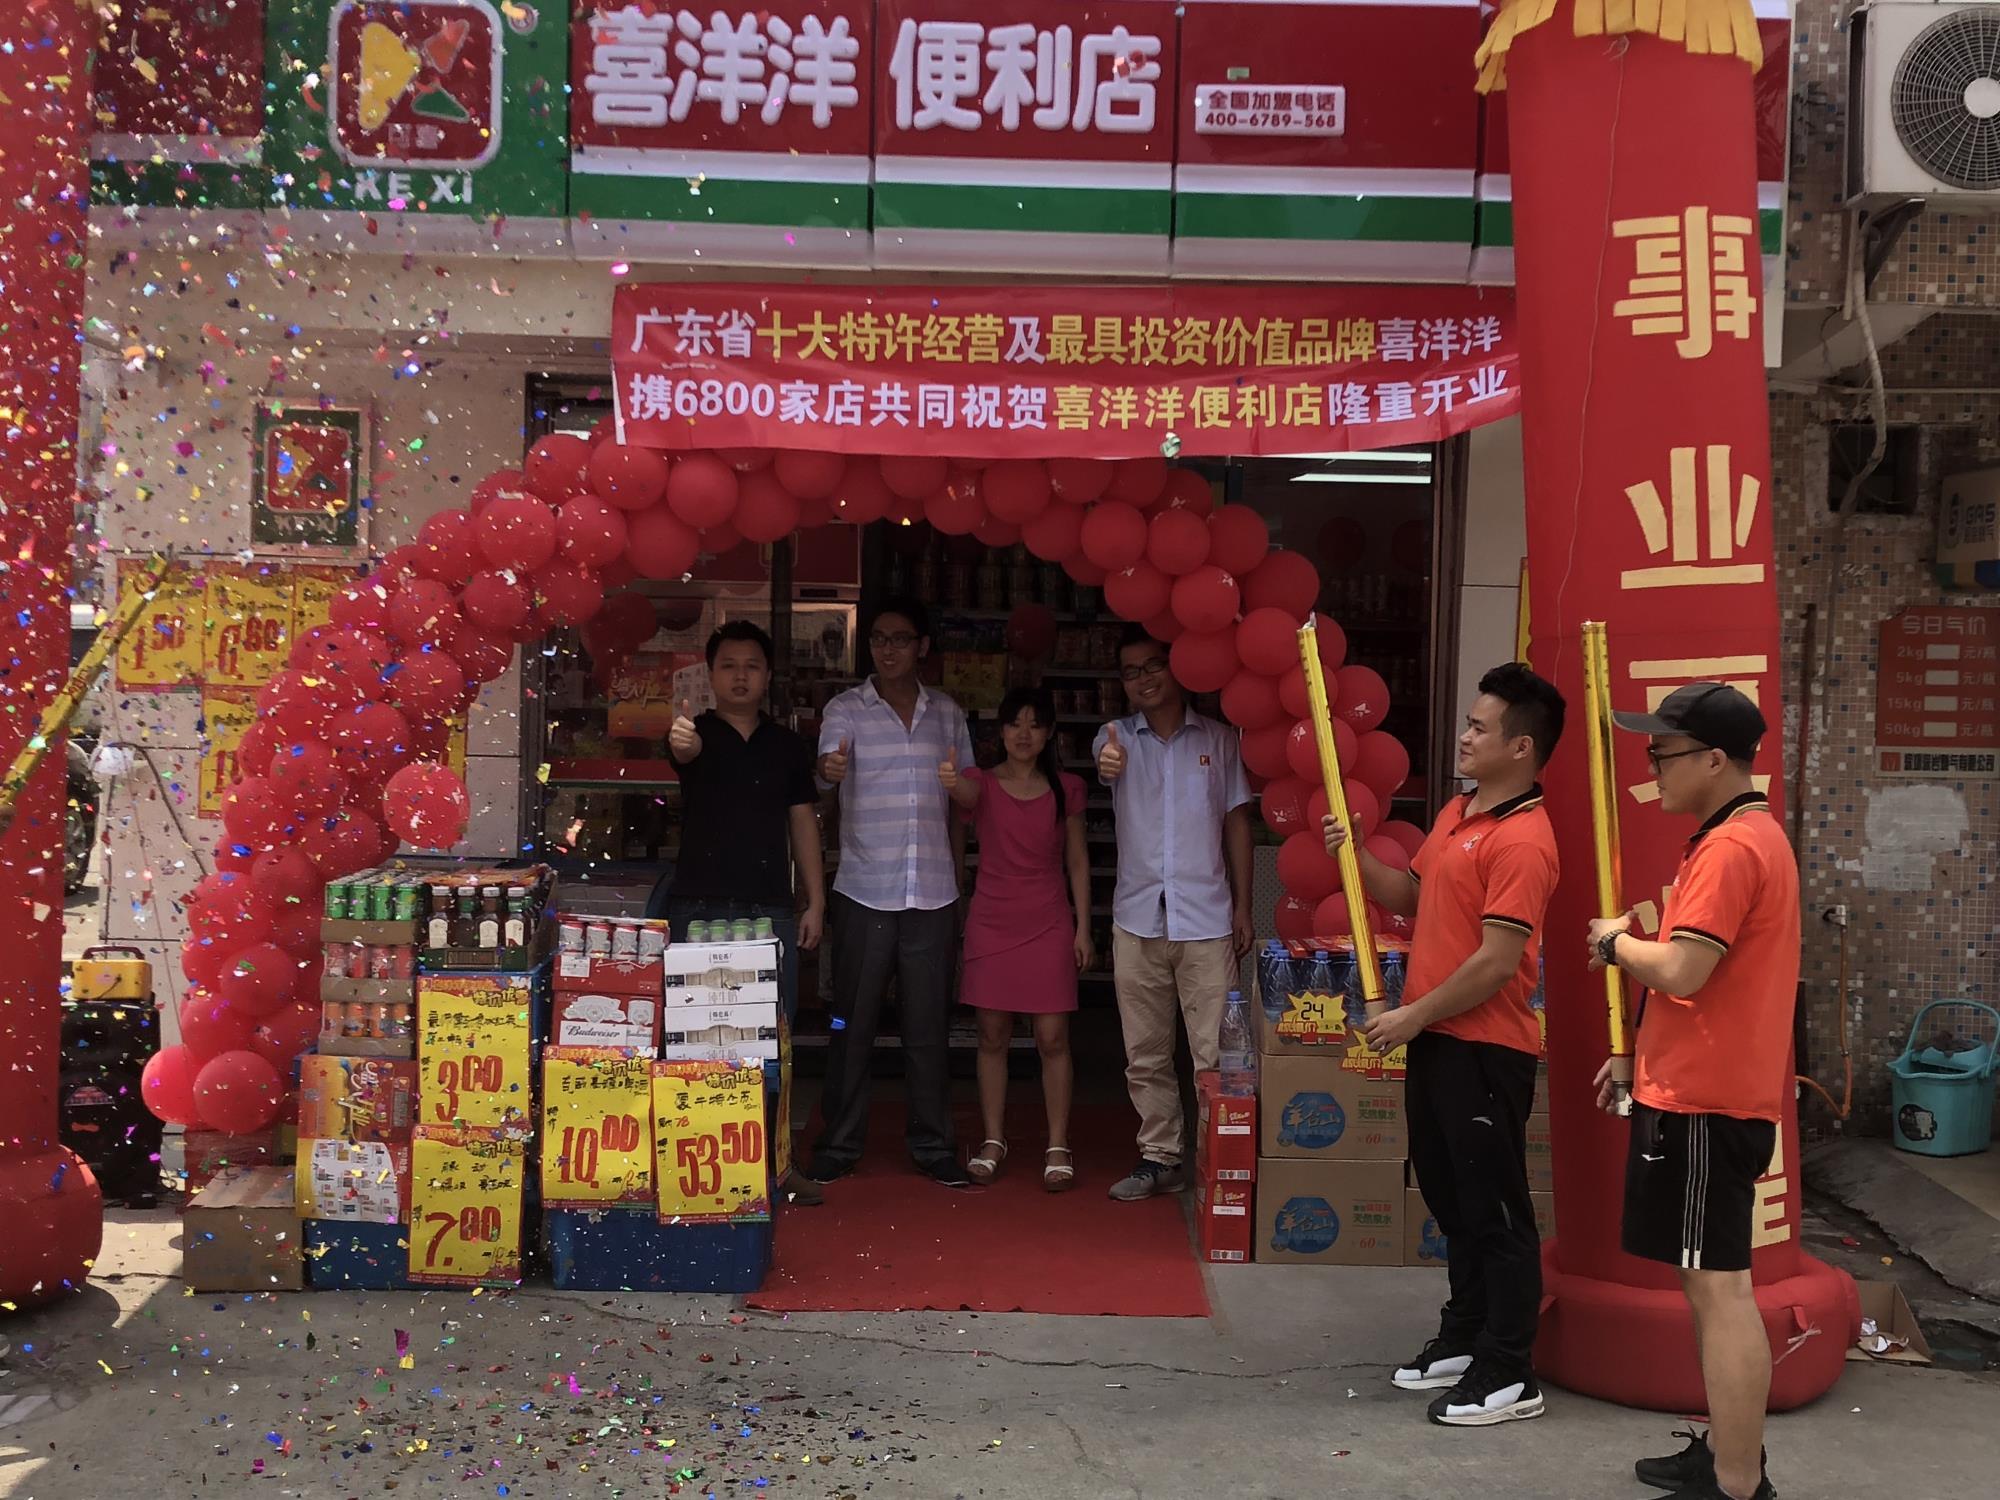 喜洋洋便利店龙岗沁馨分店10月8日隆重开业